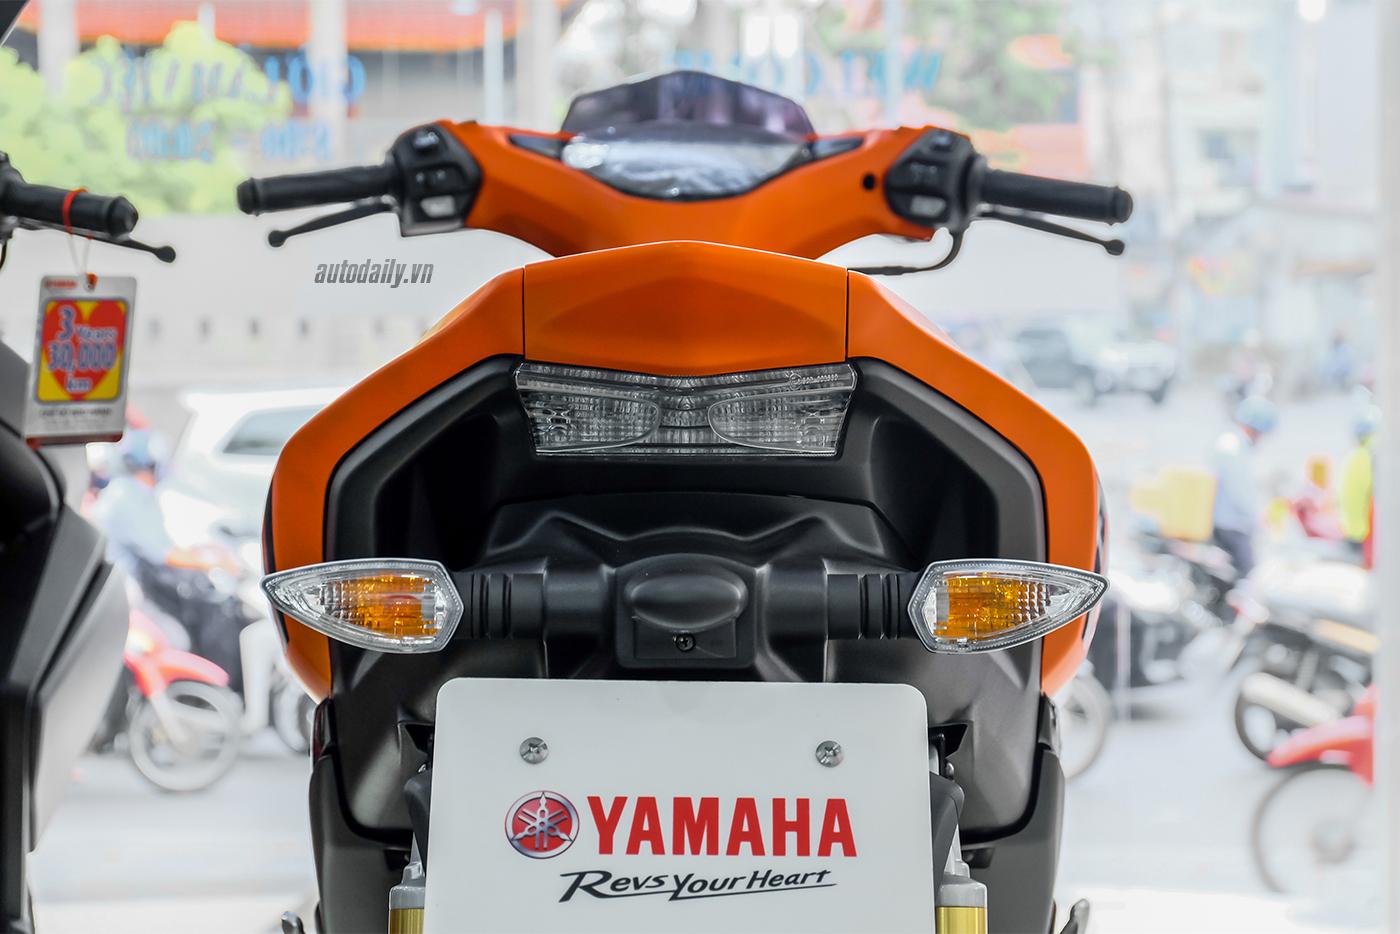 yamaha-nvx-155-abs-20.jpg